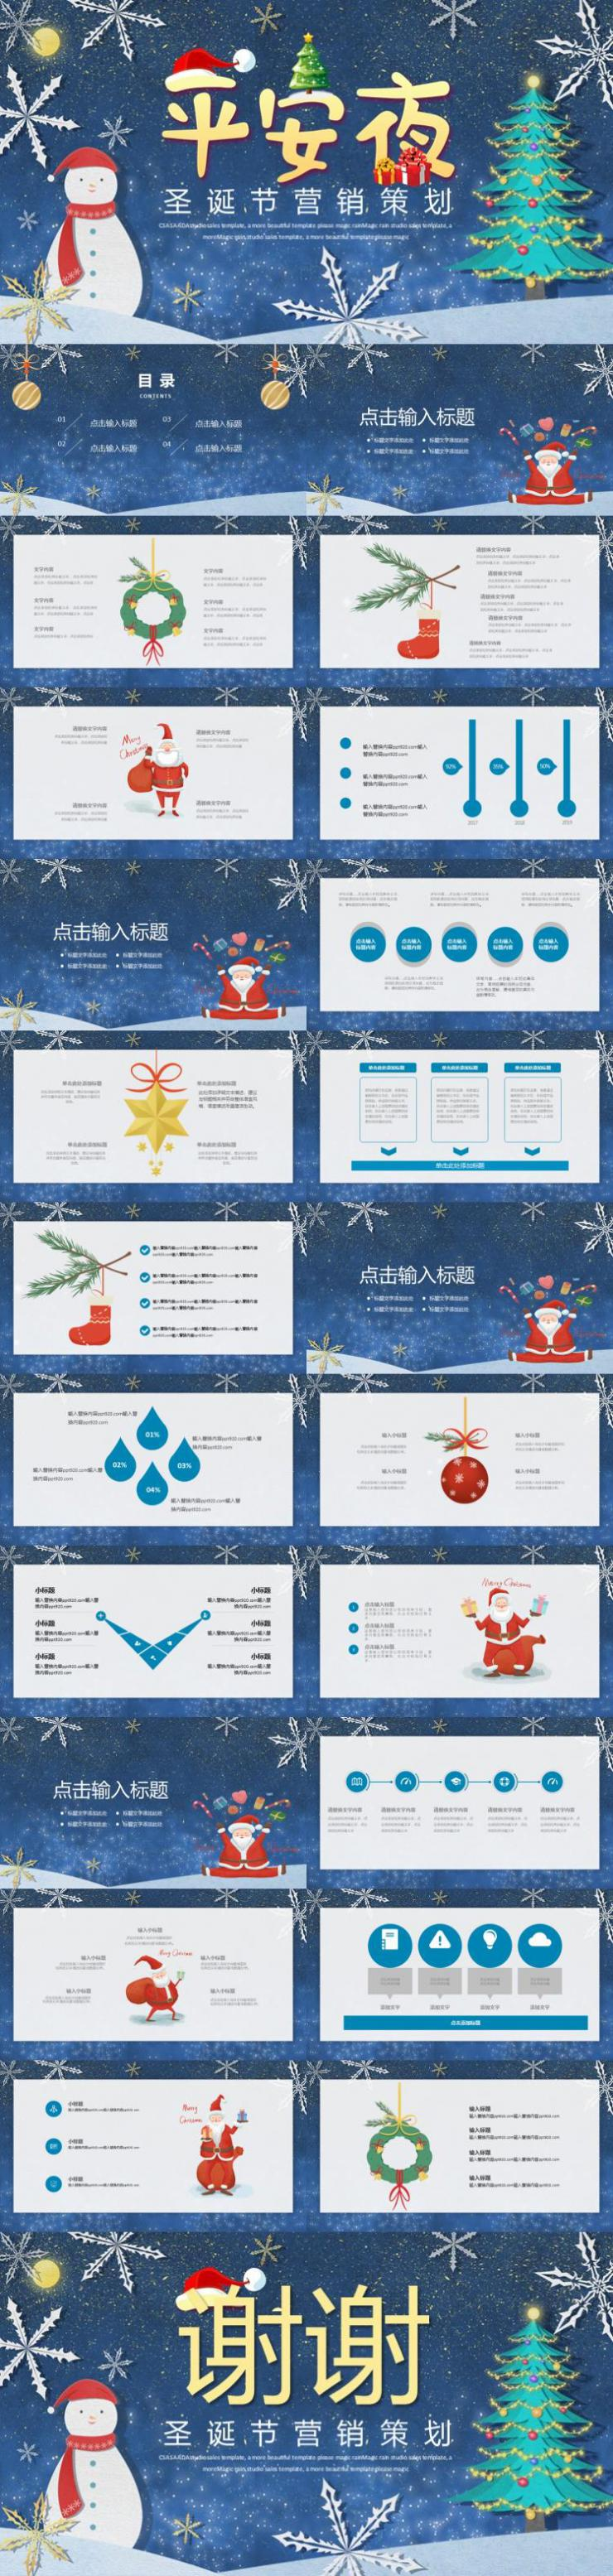 简约圣诞节营销策划PPT模板